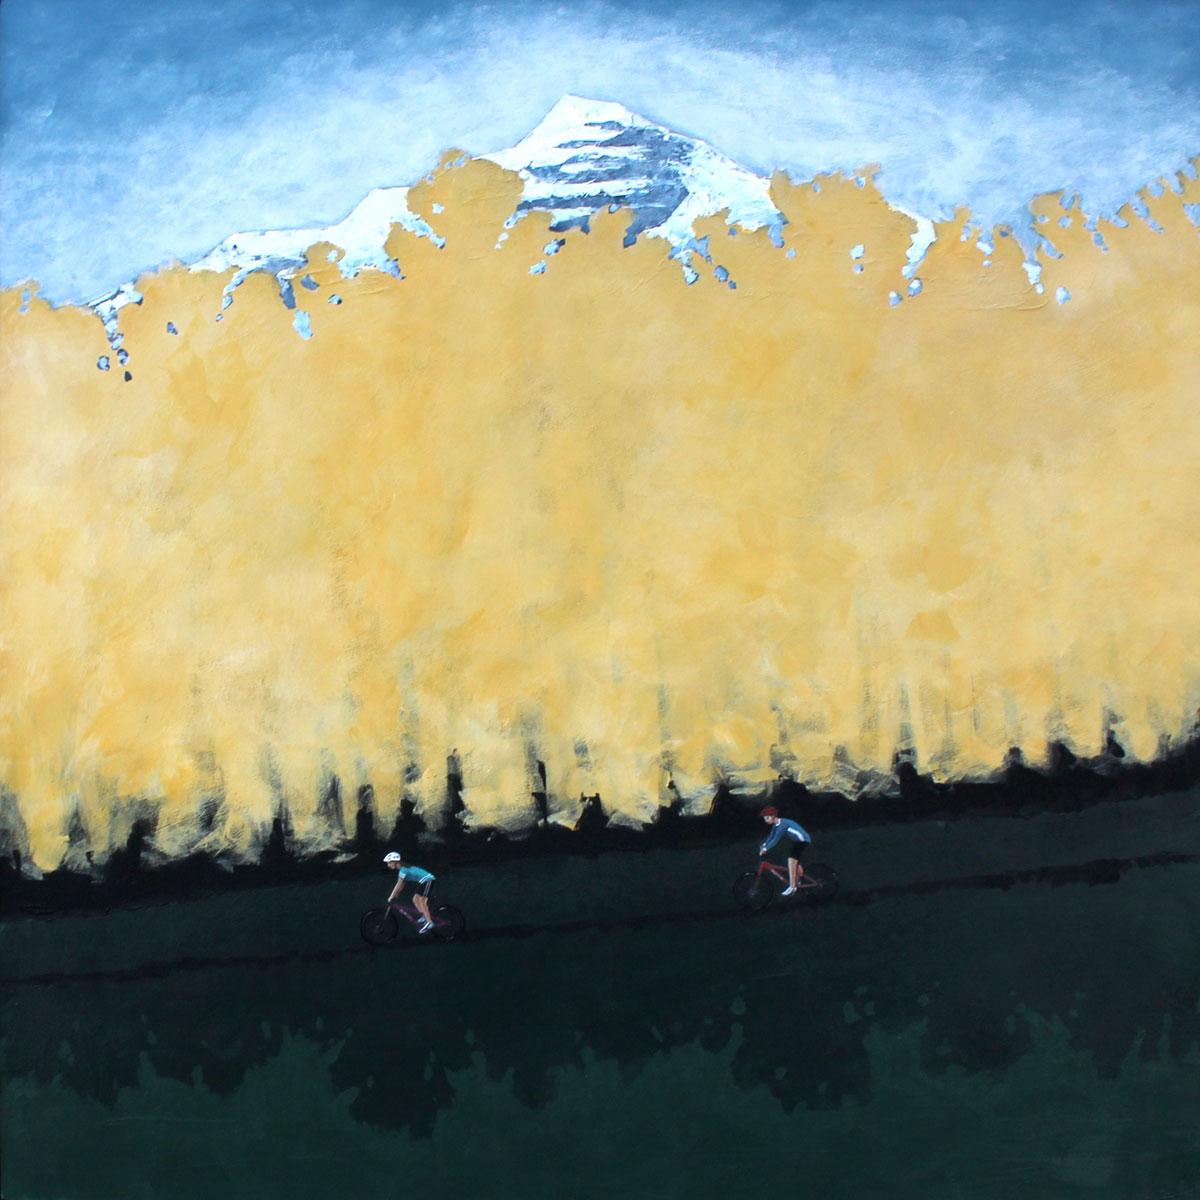 Late Season Ride by Samuel Walker